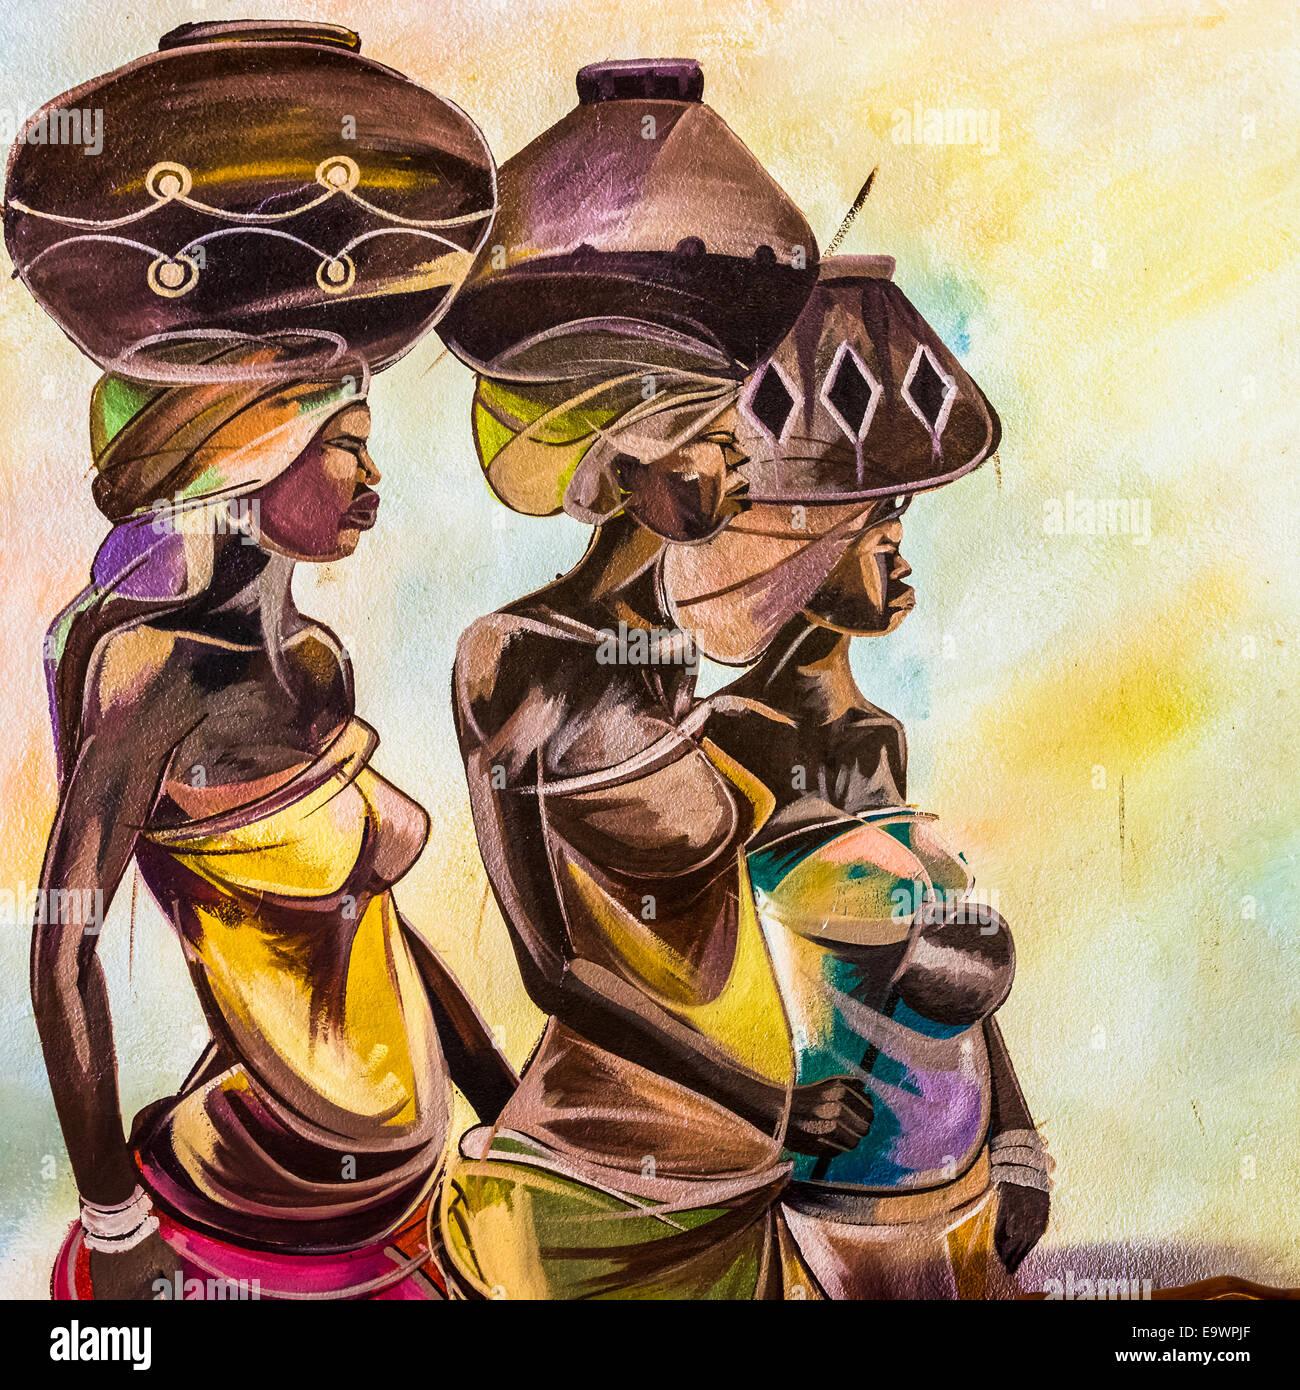 Masai Art Stock Photos & Masai Art Stock Images